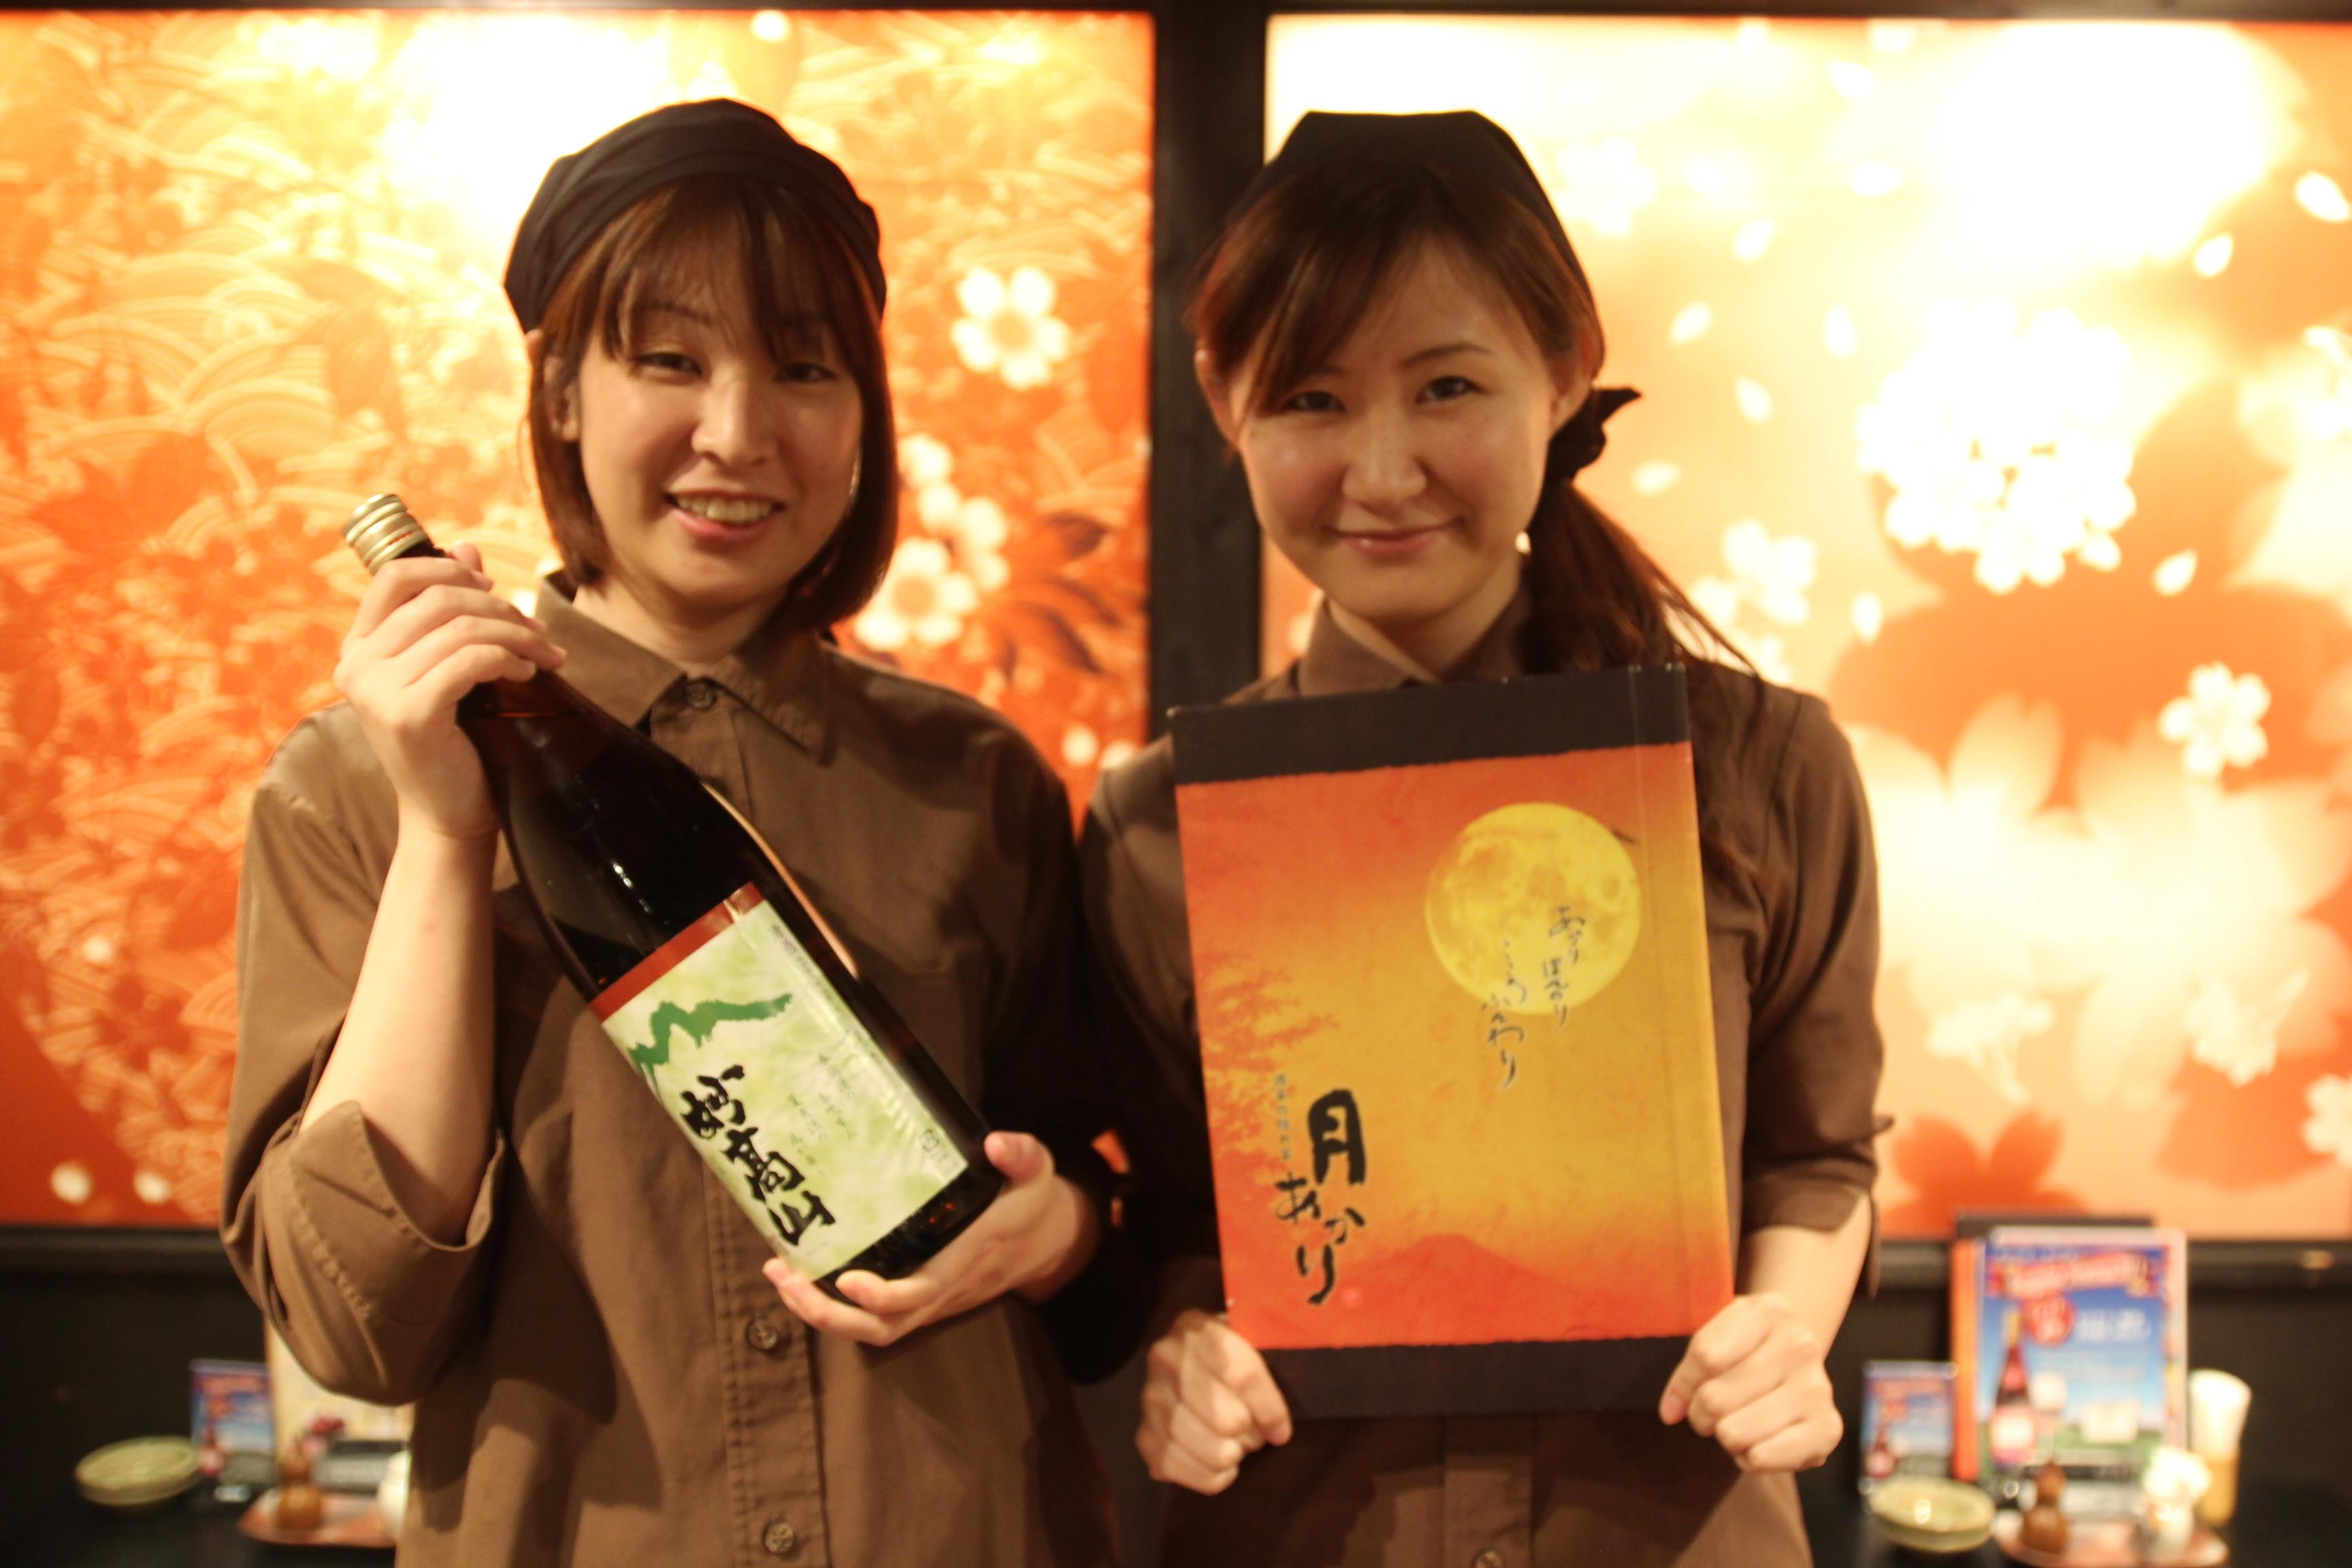 仙台駅の洗い場のアルバイト求人情報 : アルバイトex/お祝い金3万円